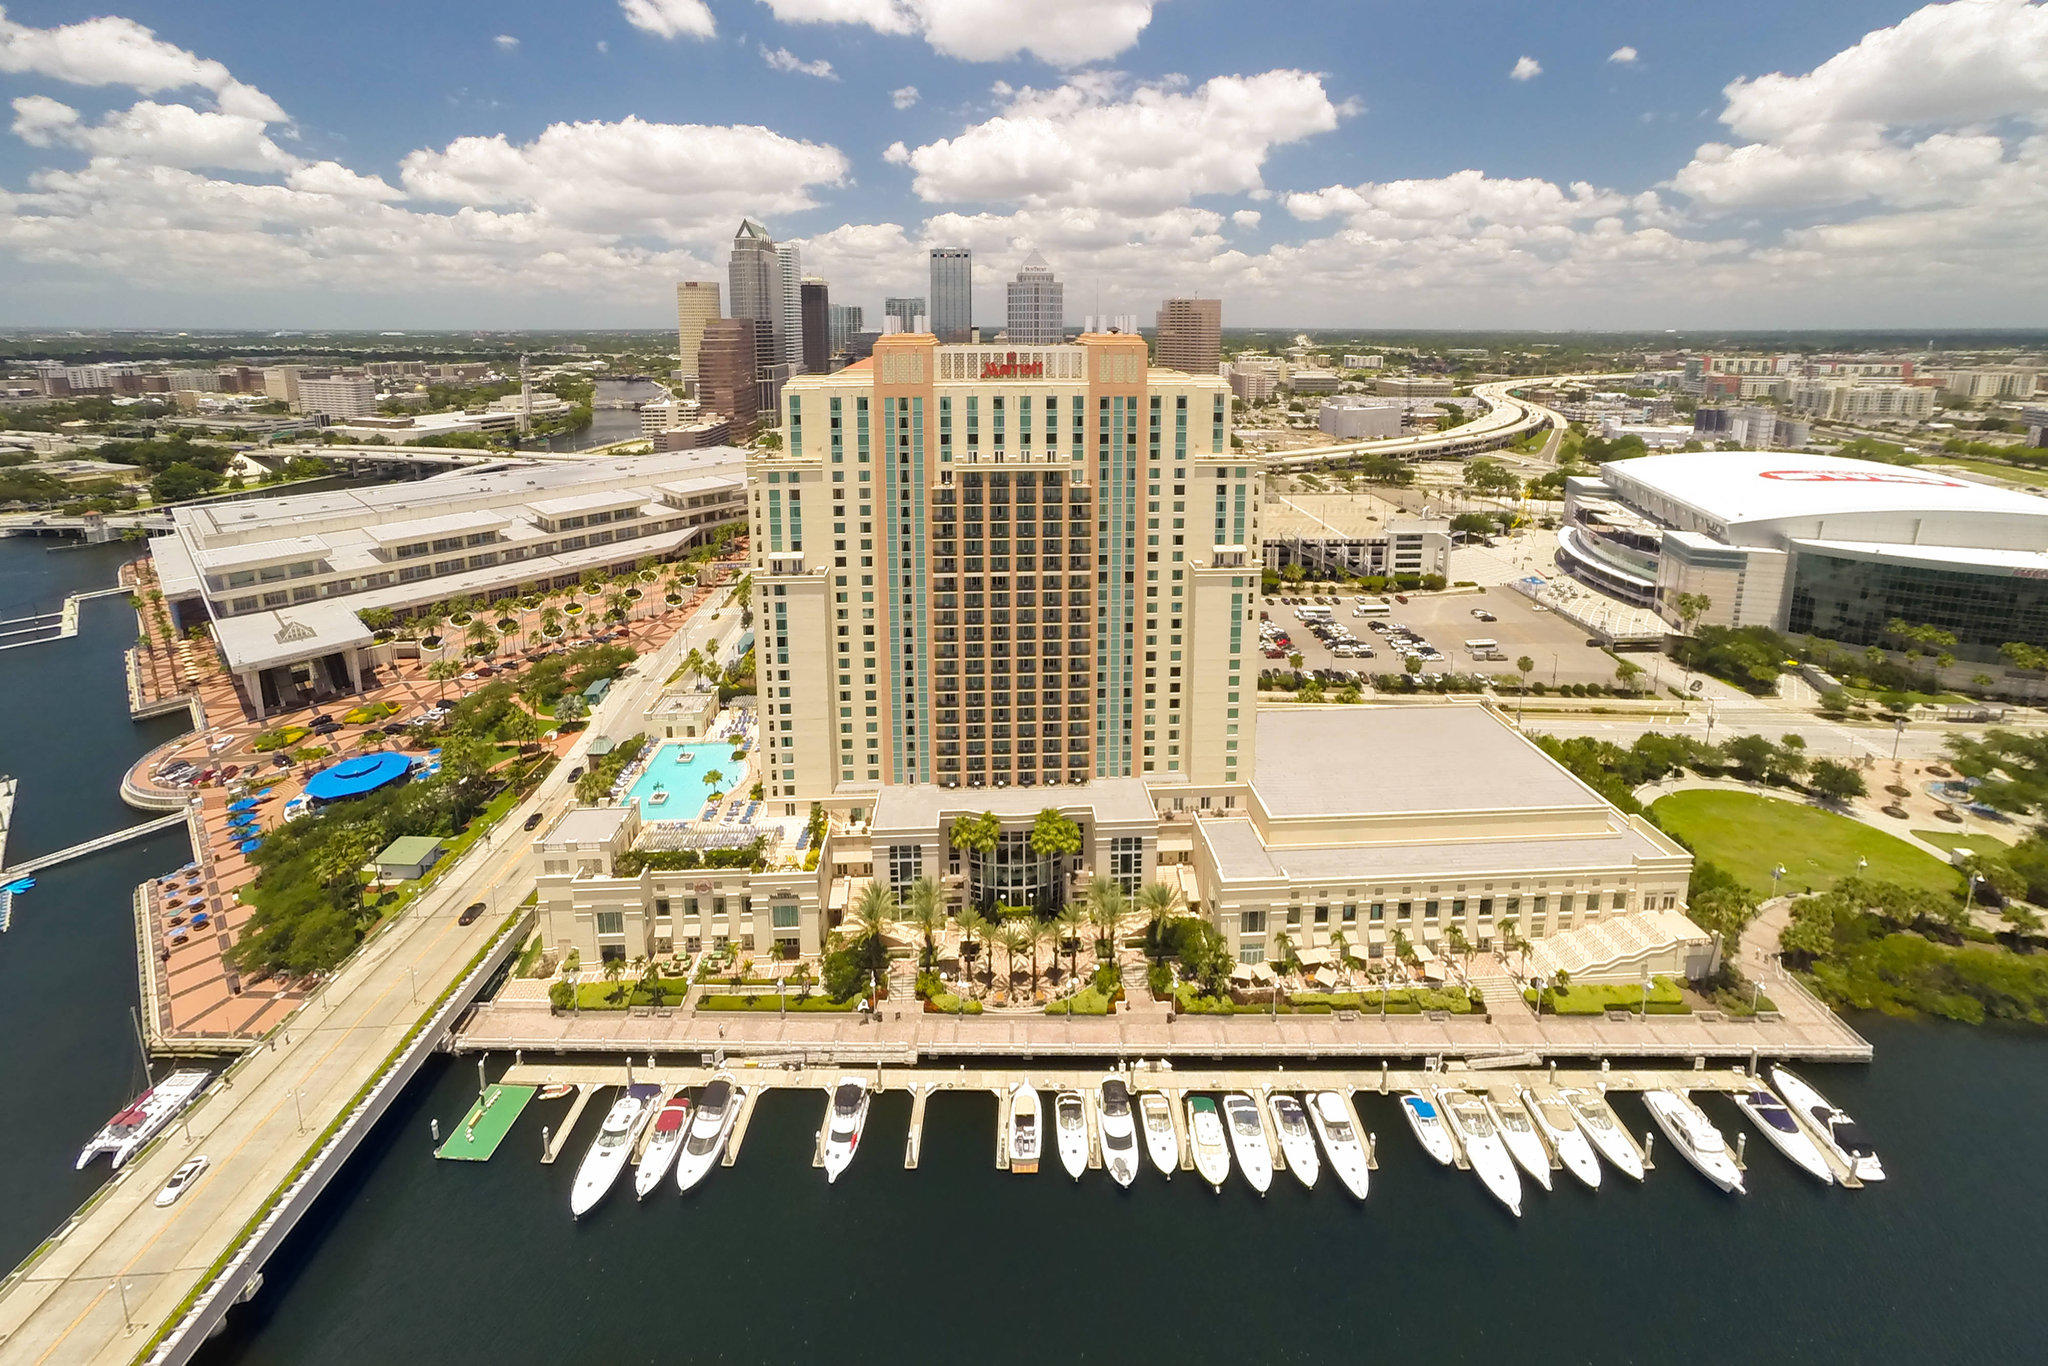 Tampa Marriott Water Street